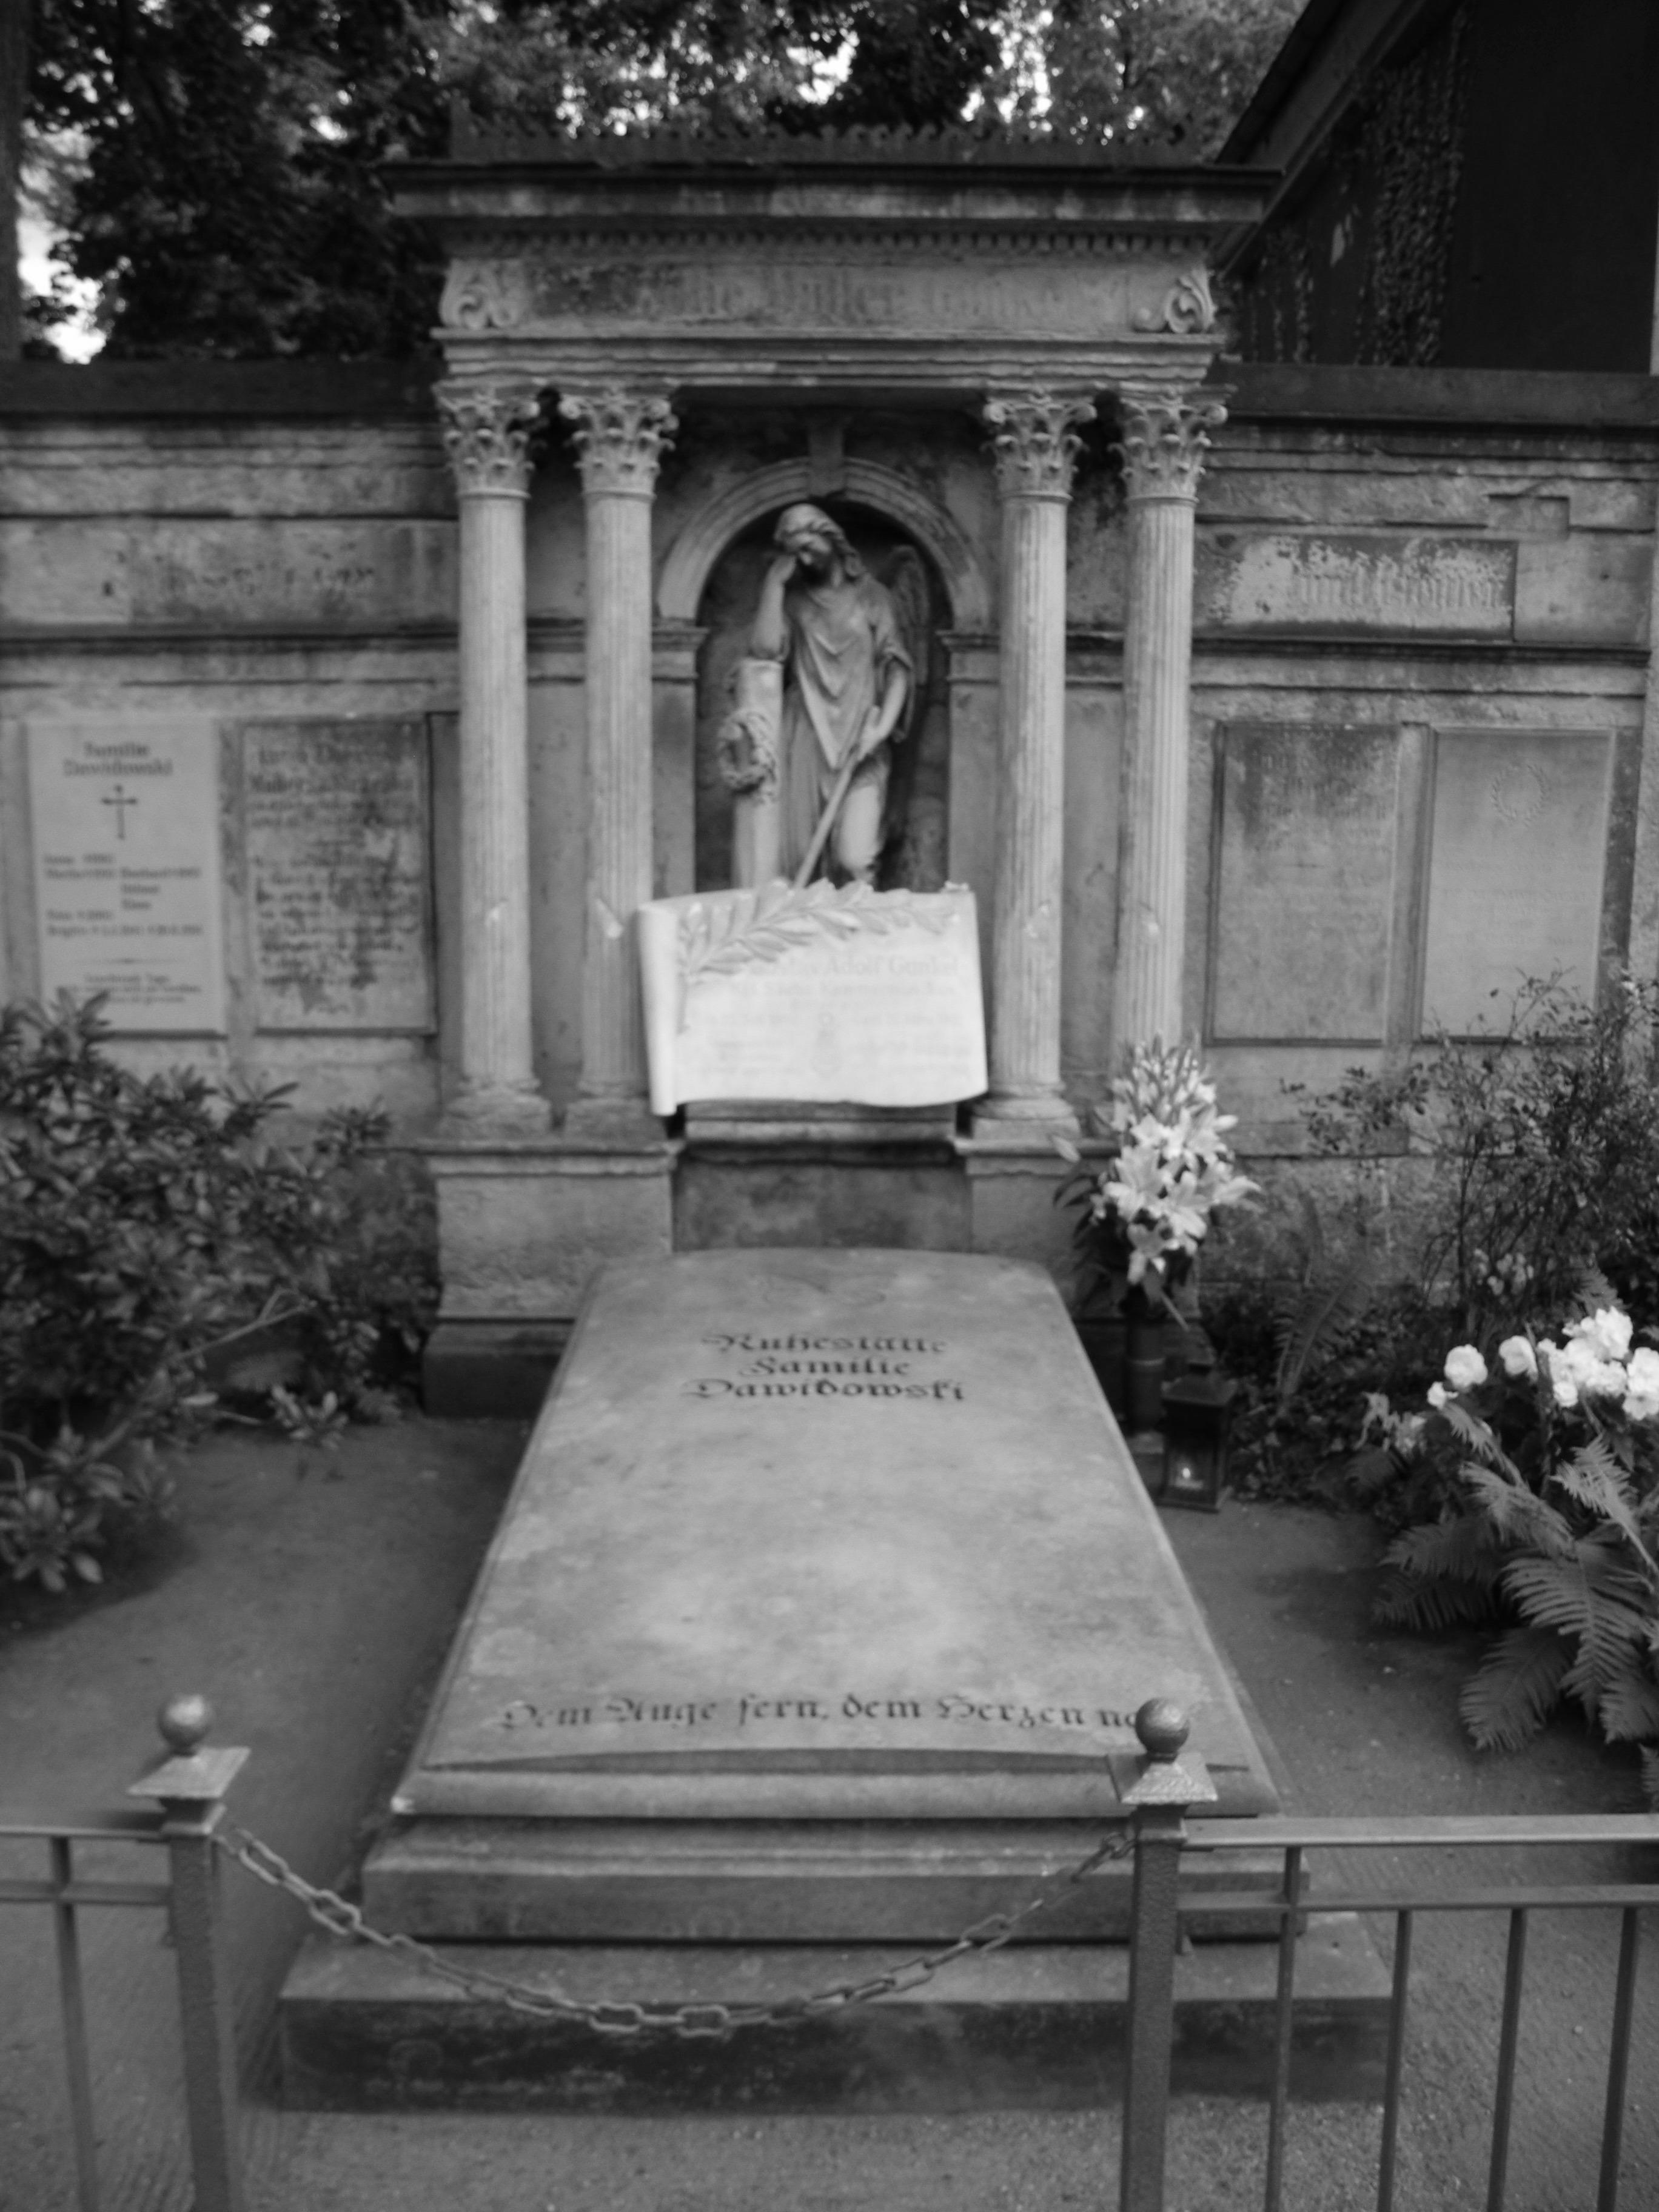 Grabstein von Gustav Adolf Gunkel auf dem Dresdner Trinitatisfriedhof.